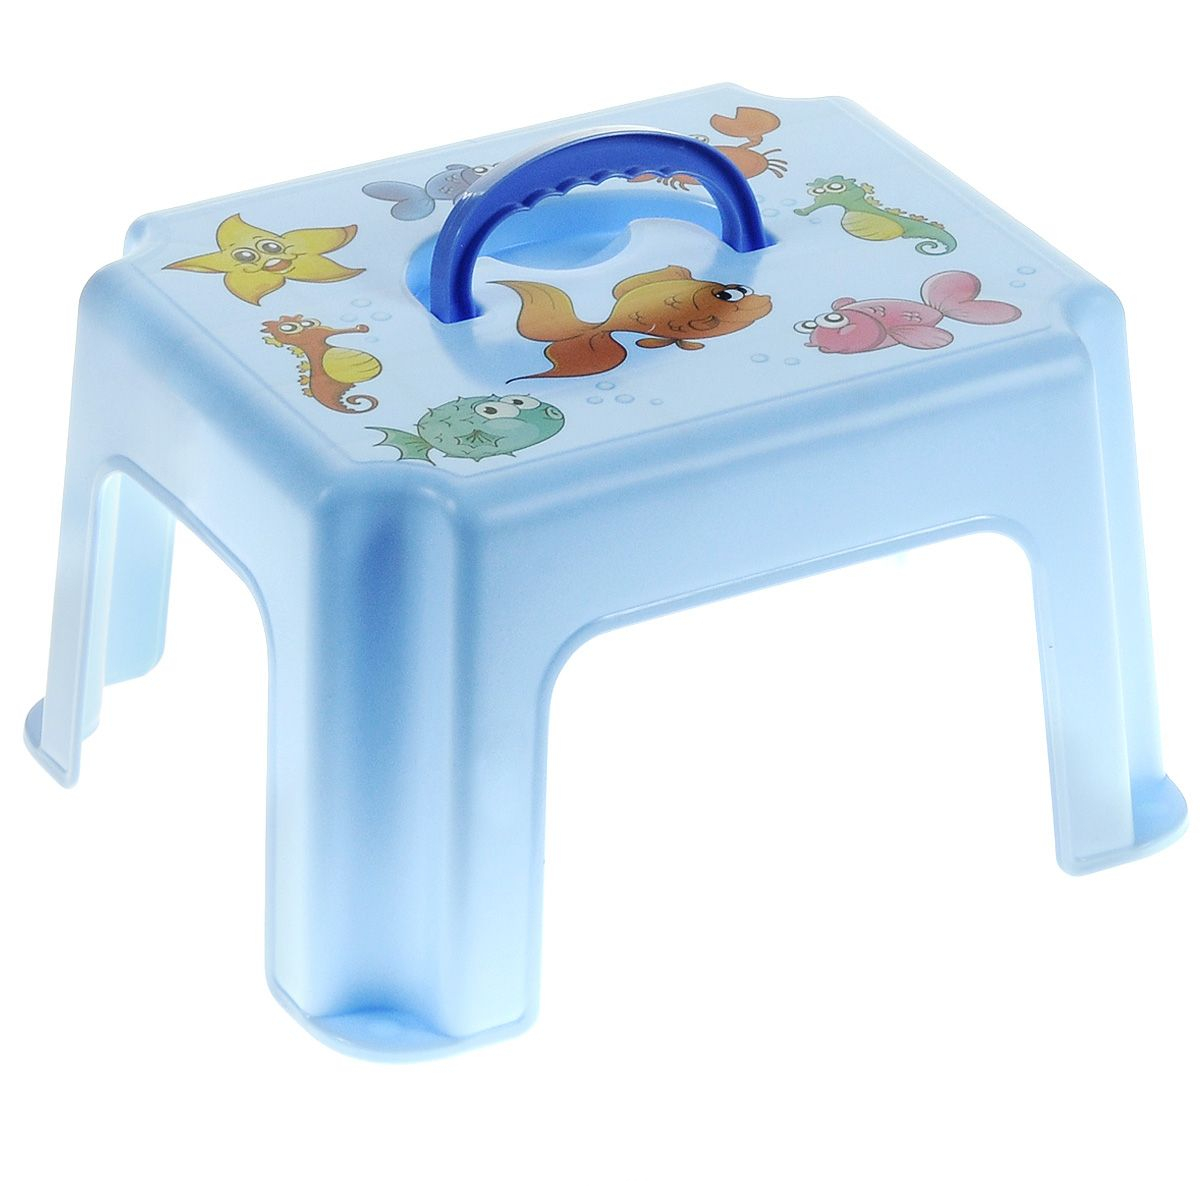 Табурет-подставка - Рыбки с ручкой, голубой